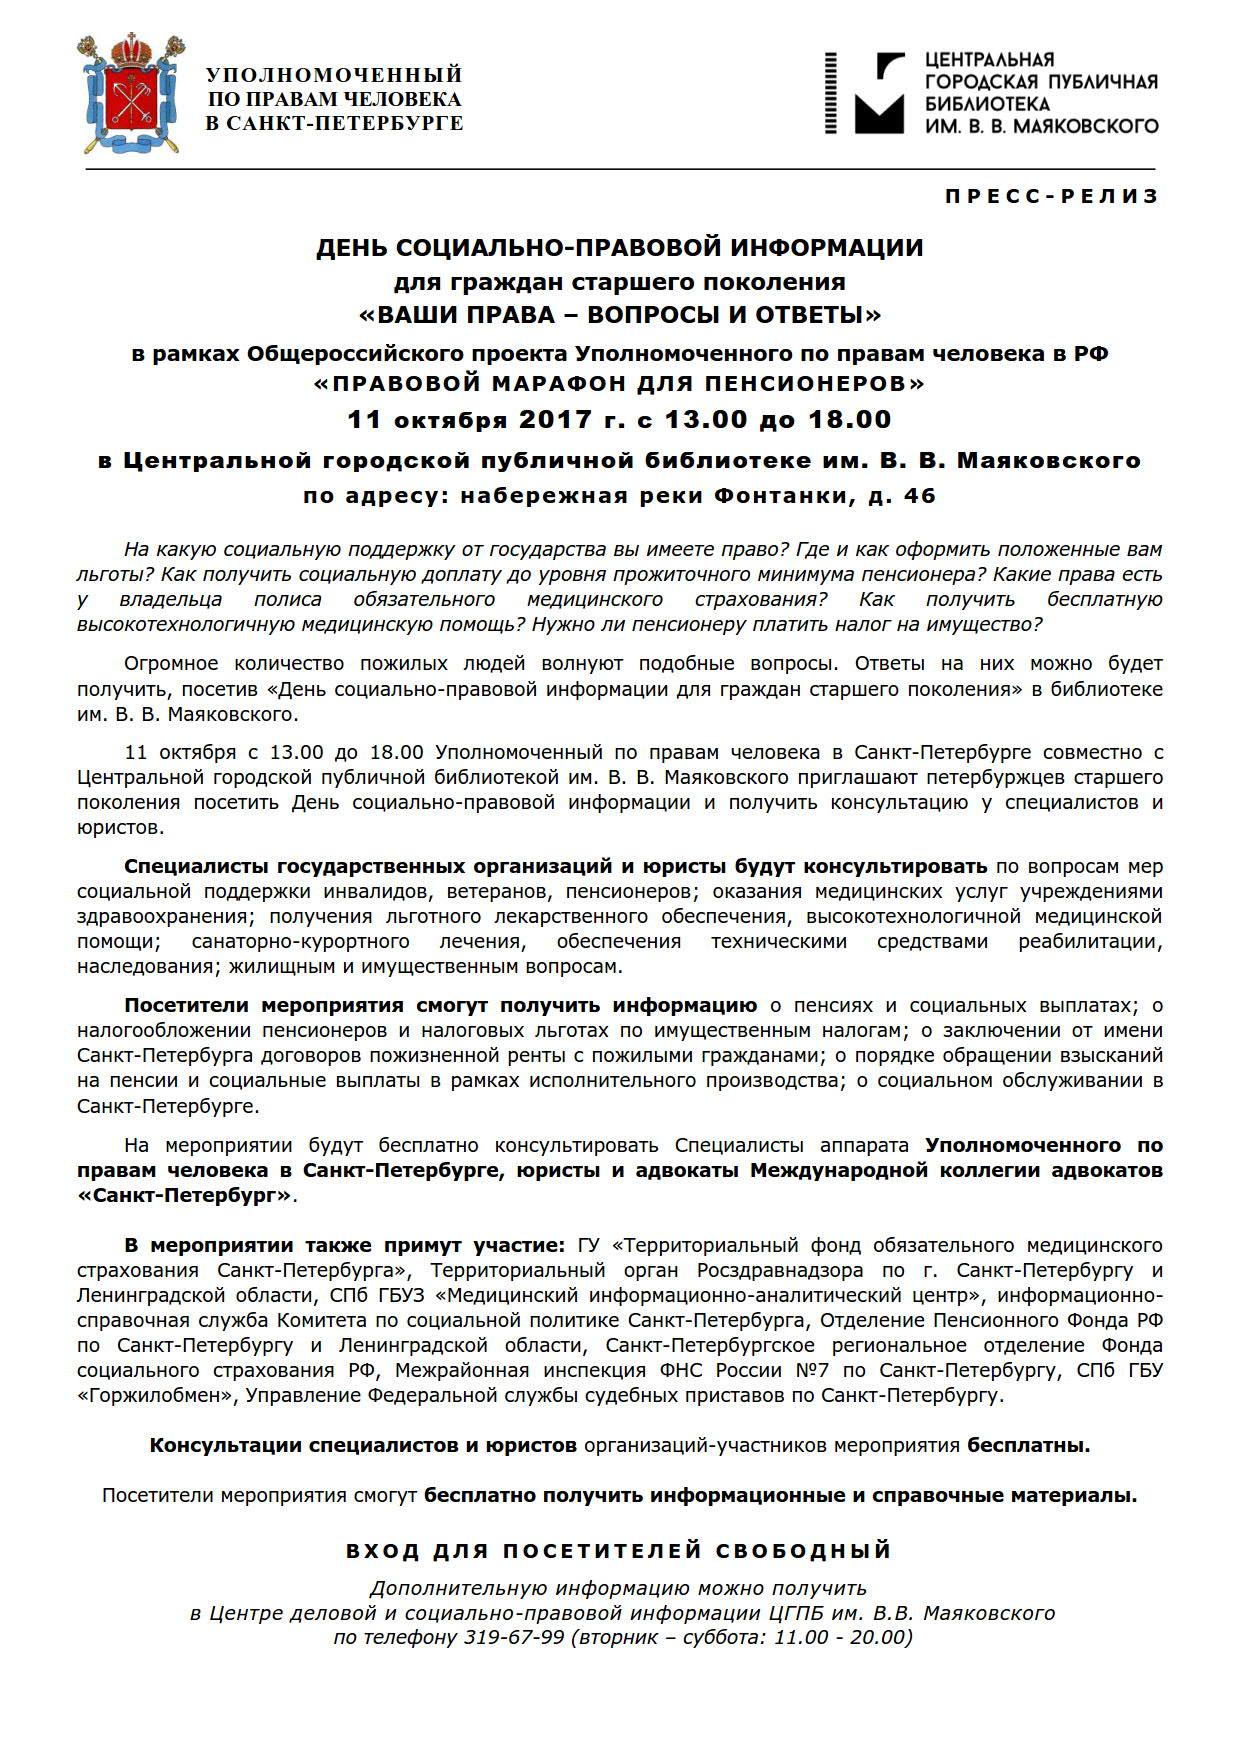 пресс-релиз 11.10.17_1